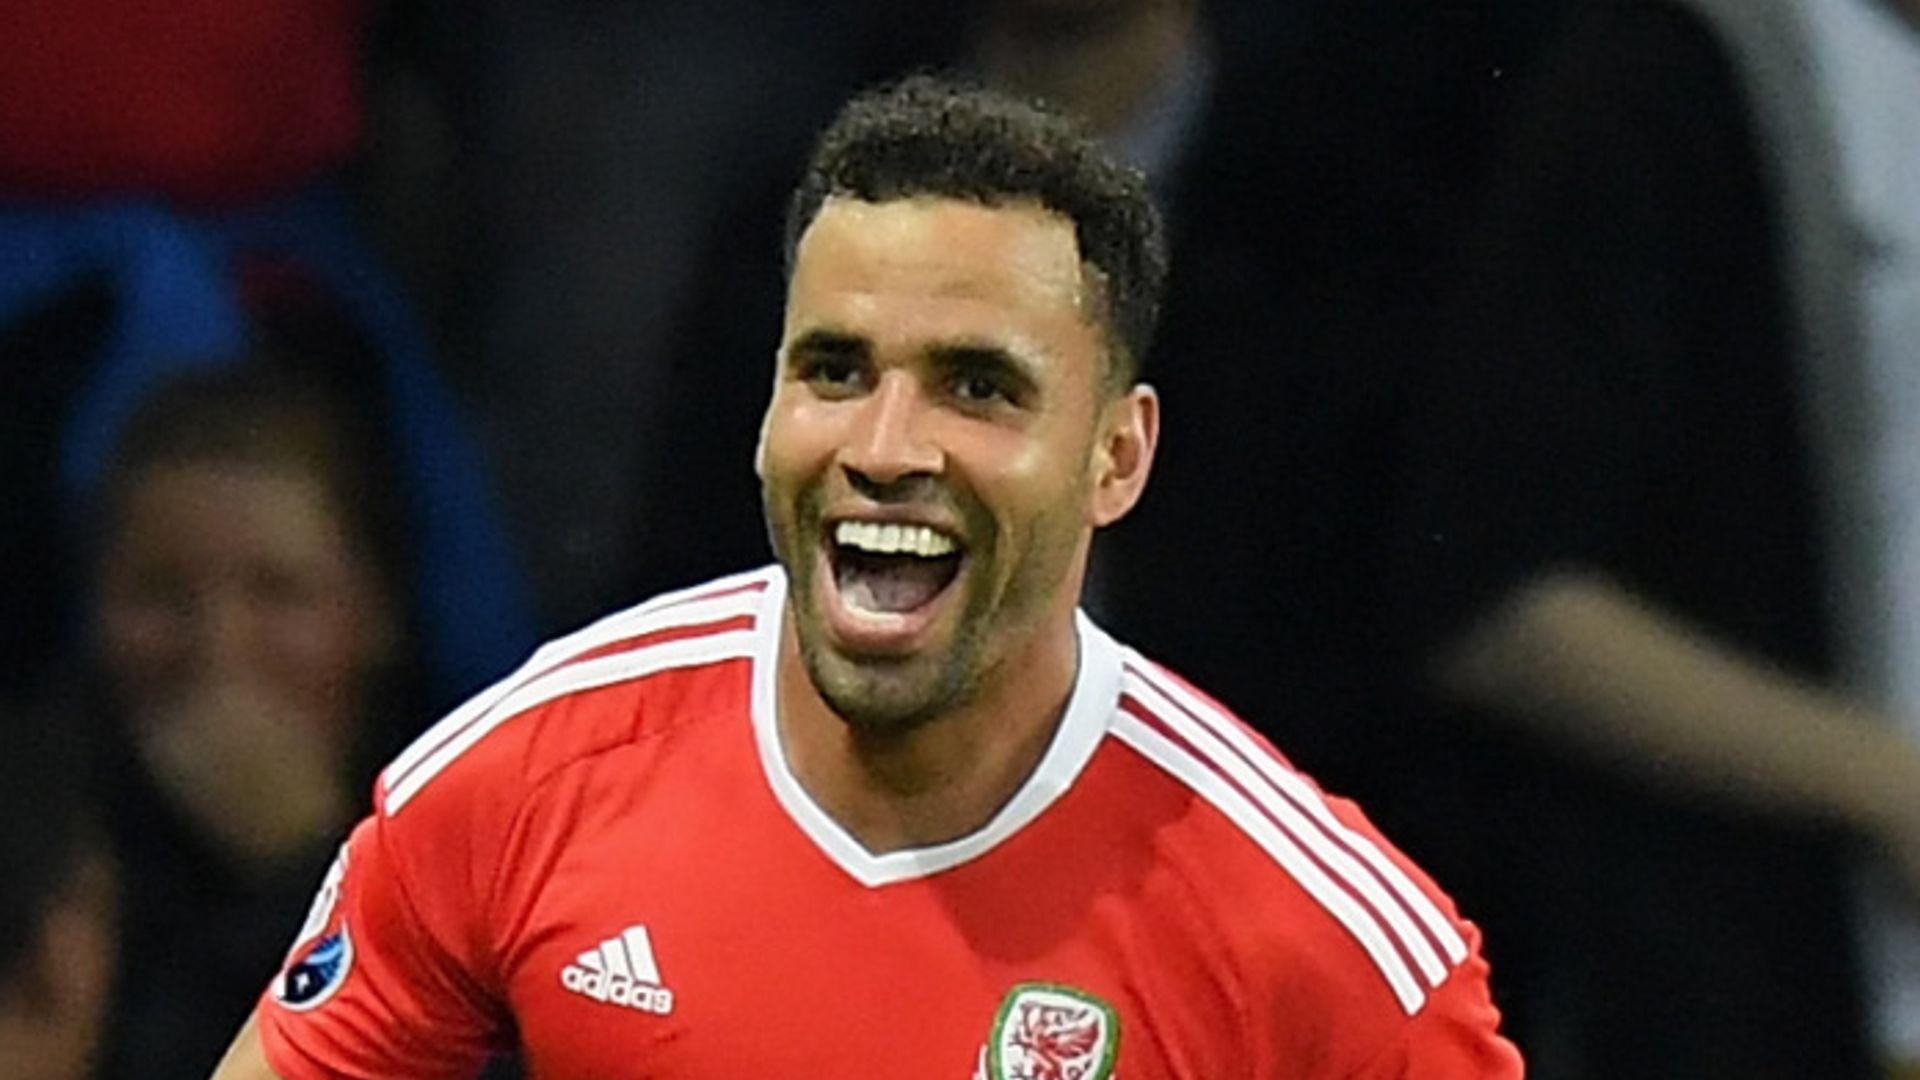 Euro Memories: Robson-Kanu on that goal vs Belgium